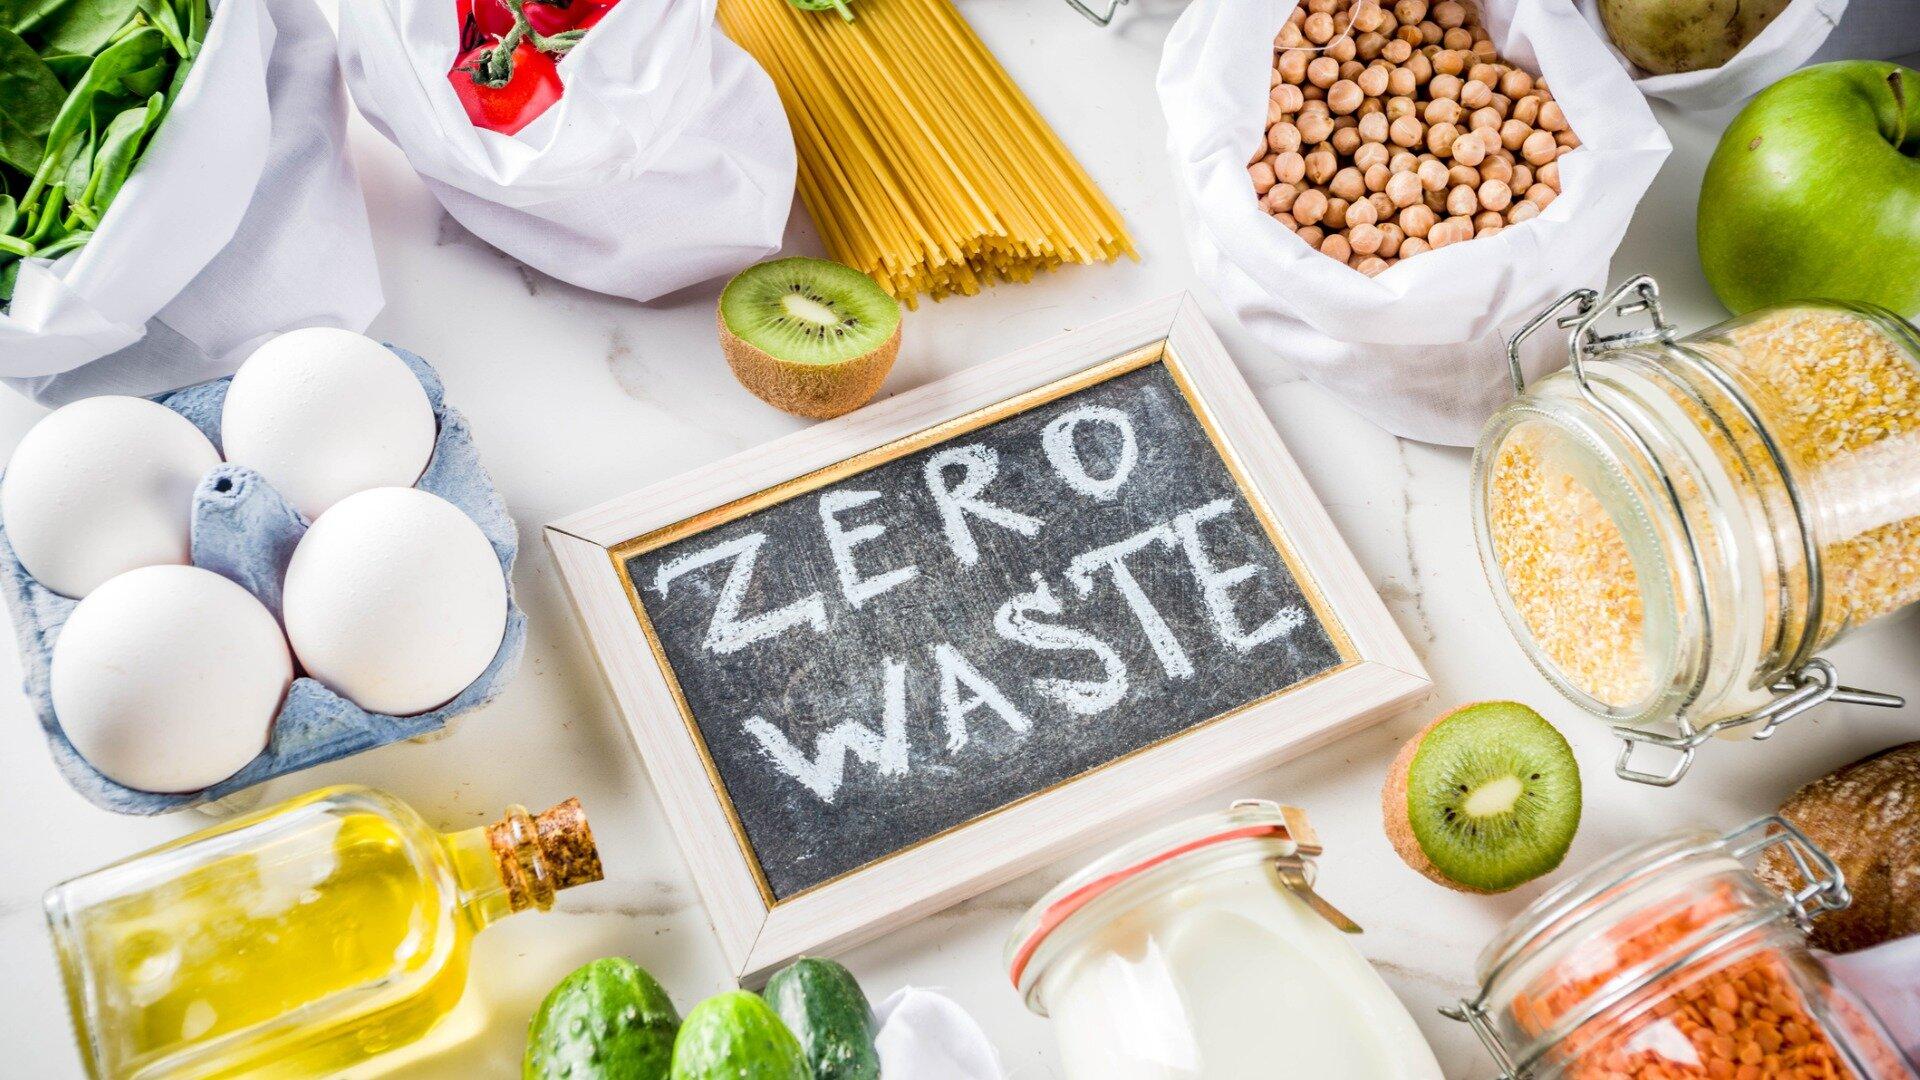 Kuchnia w duchu zero waste